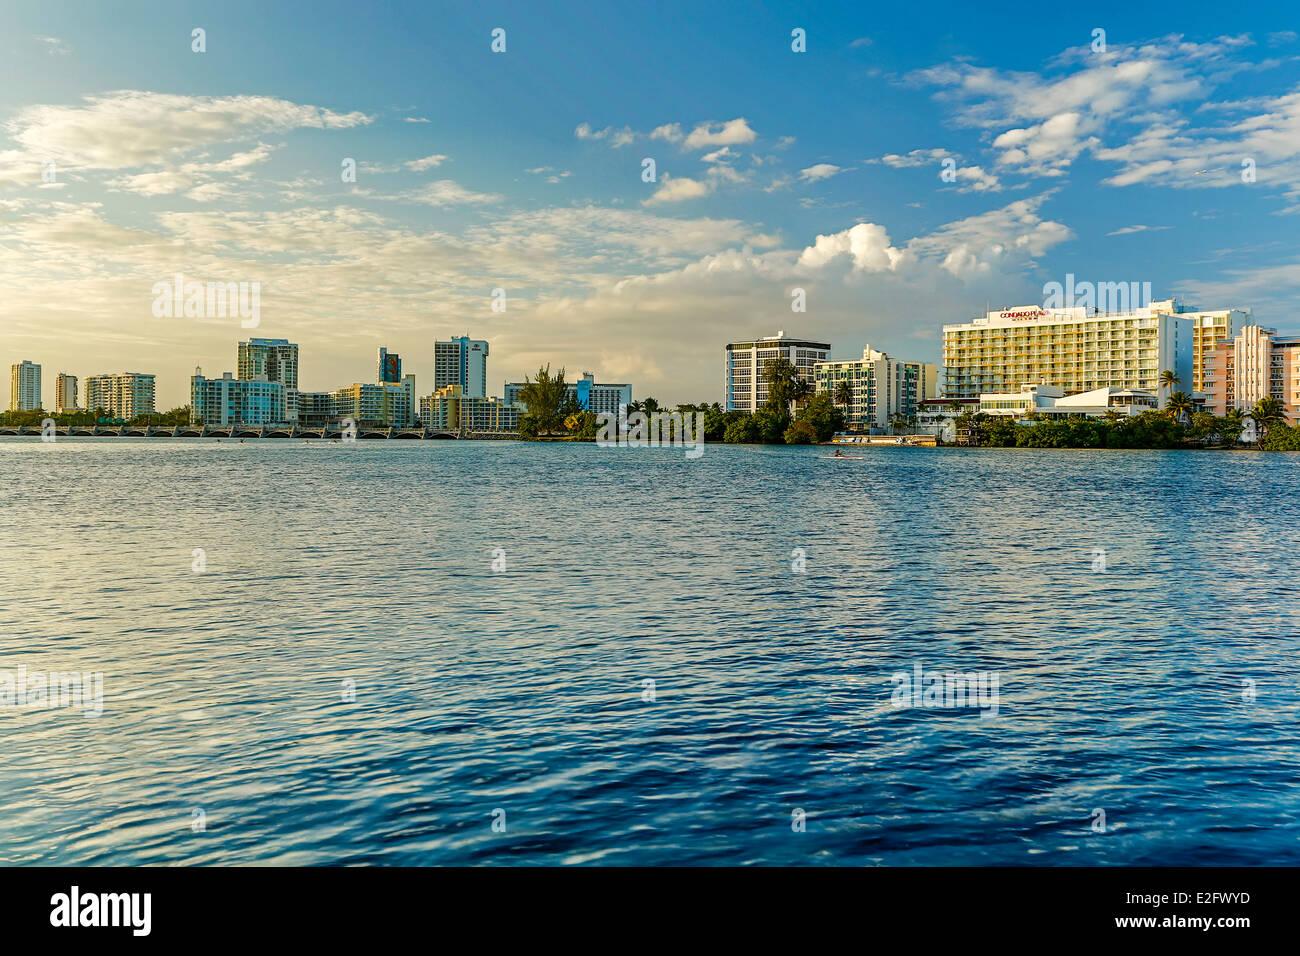 El Condado Lagoon and skyline, El Condado, San Juan, Puerto Rico - Stock Image